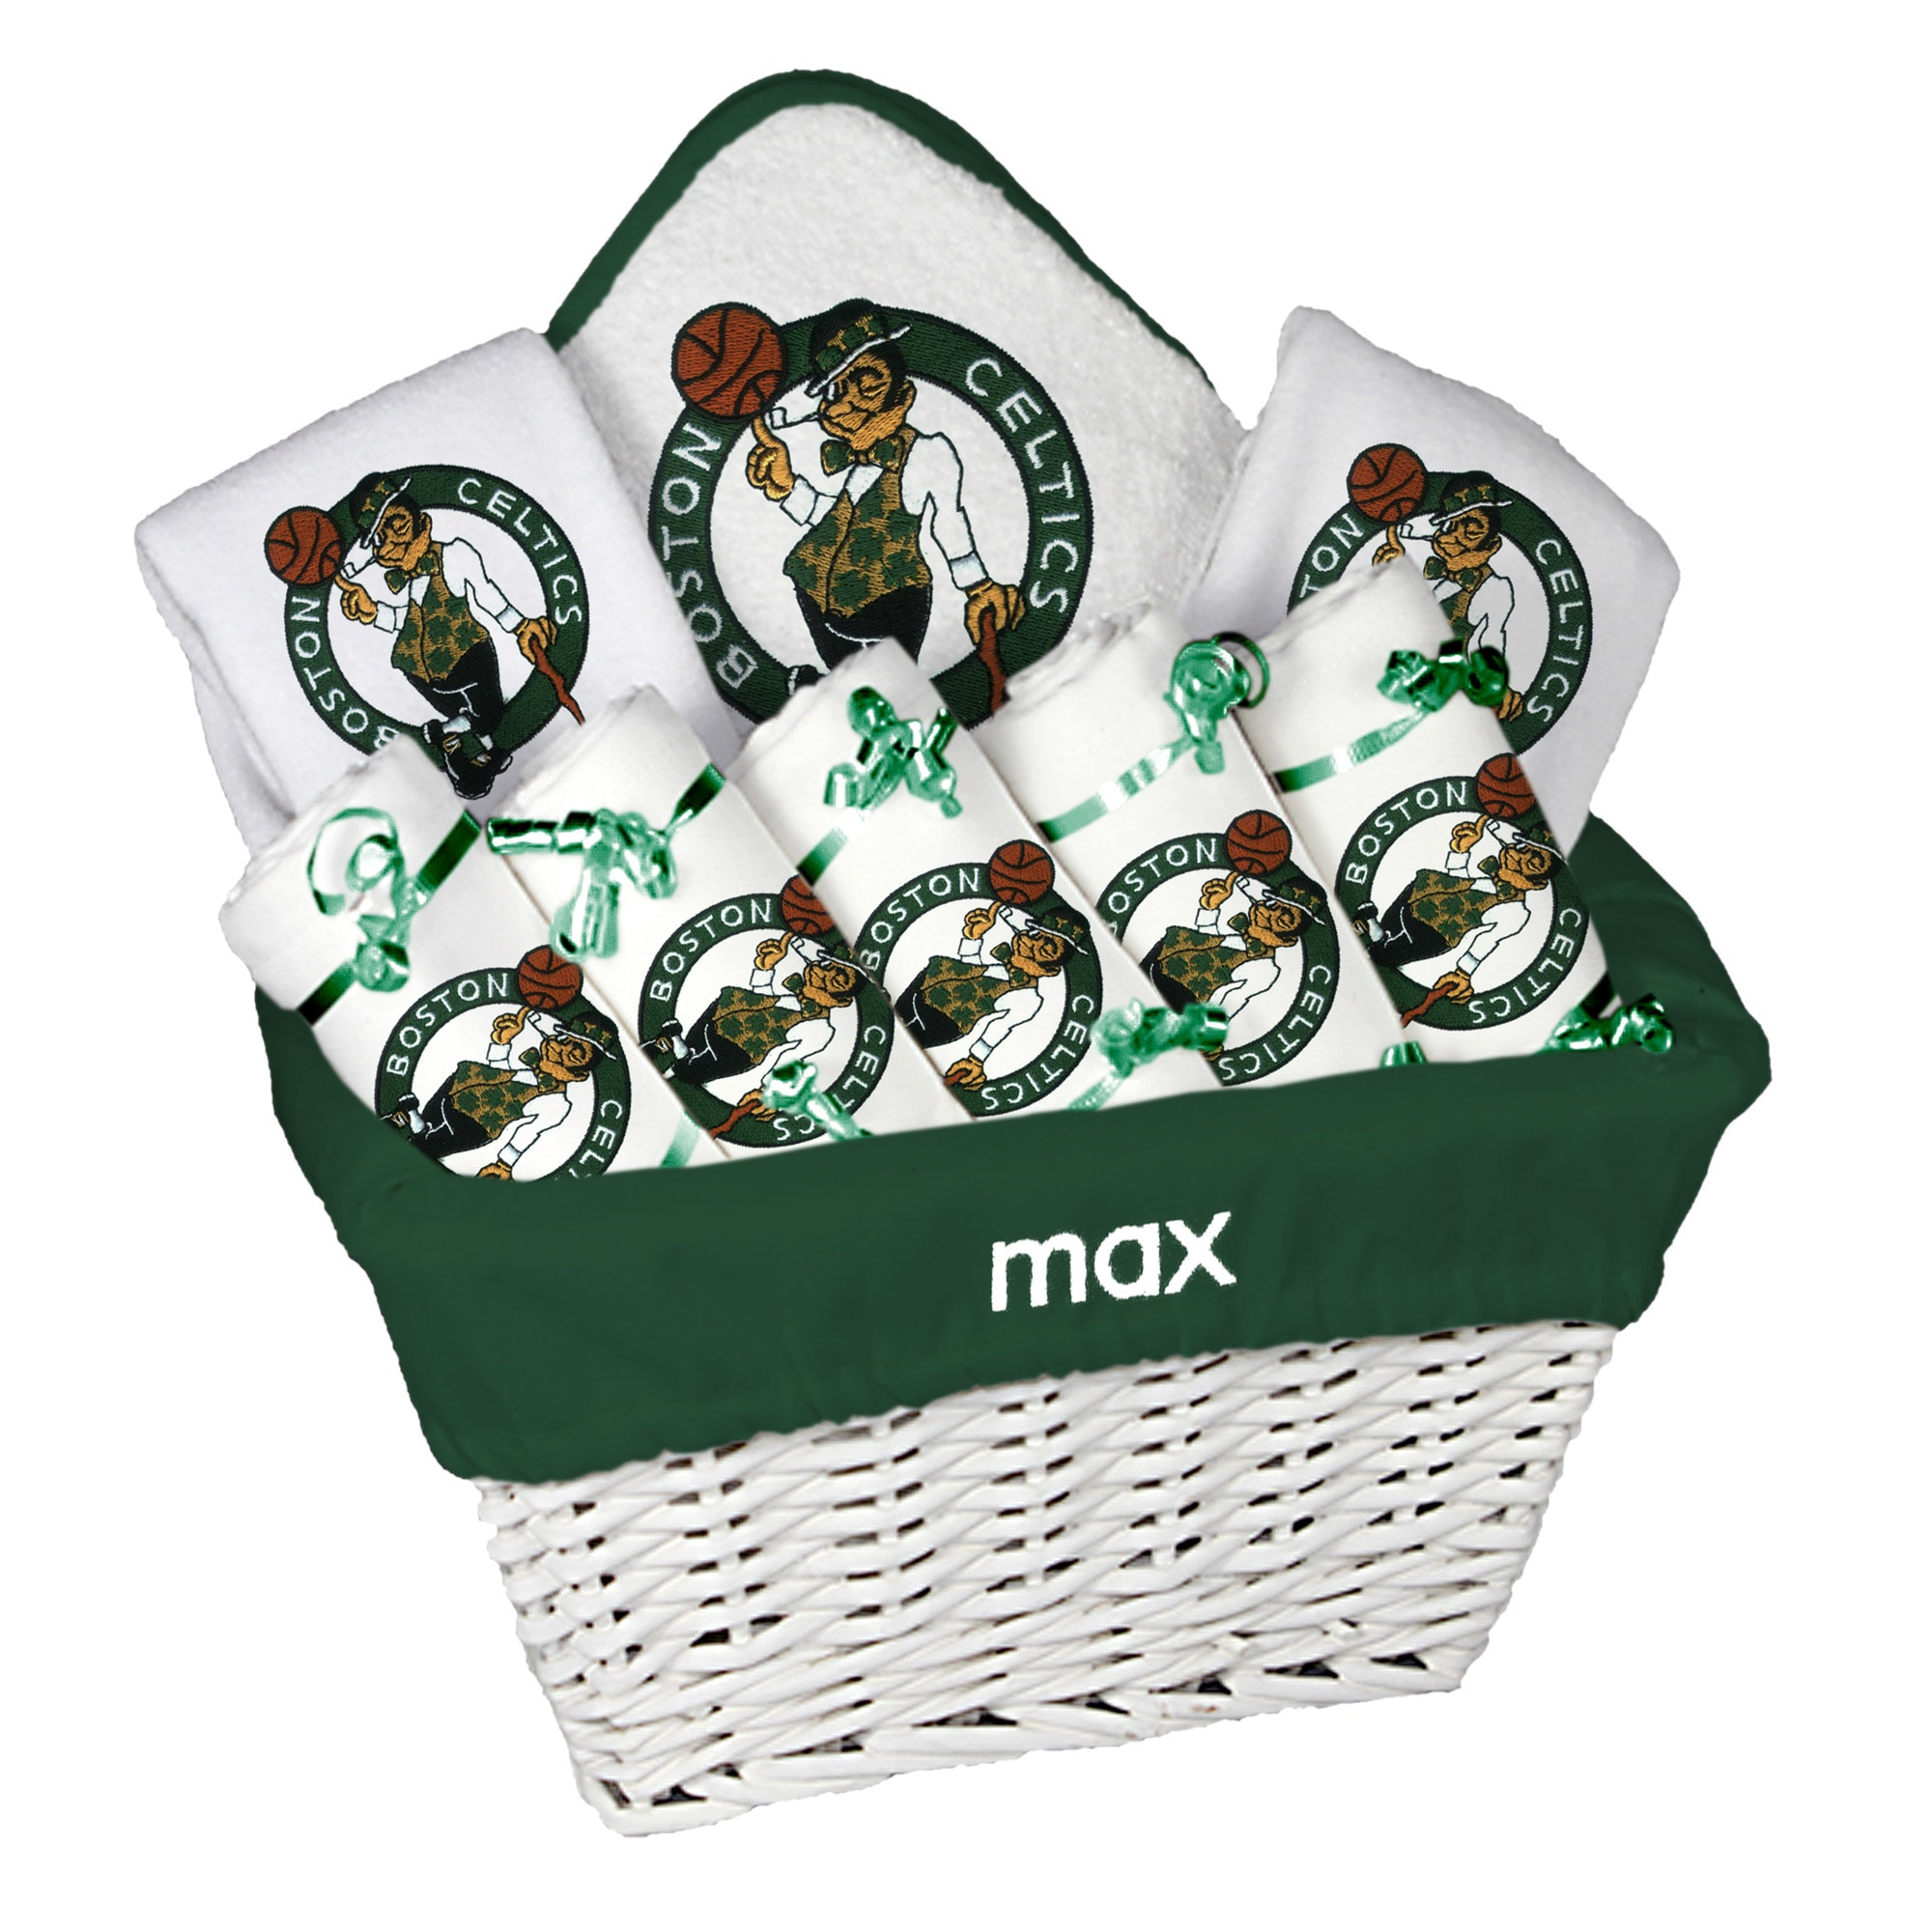 Boston Celtics Newborn & Infant Personalized Large Gift Basket - White